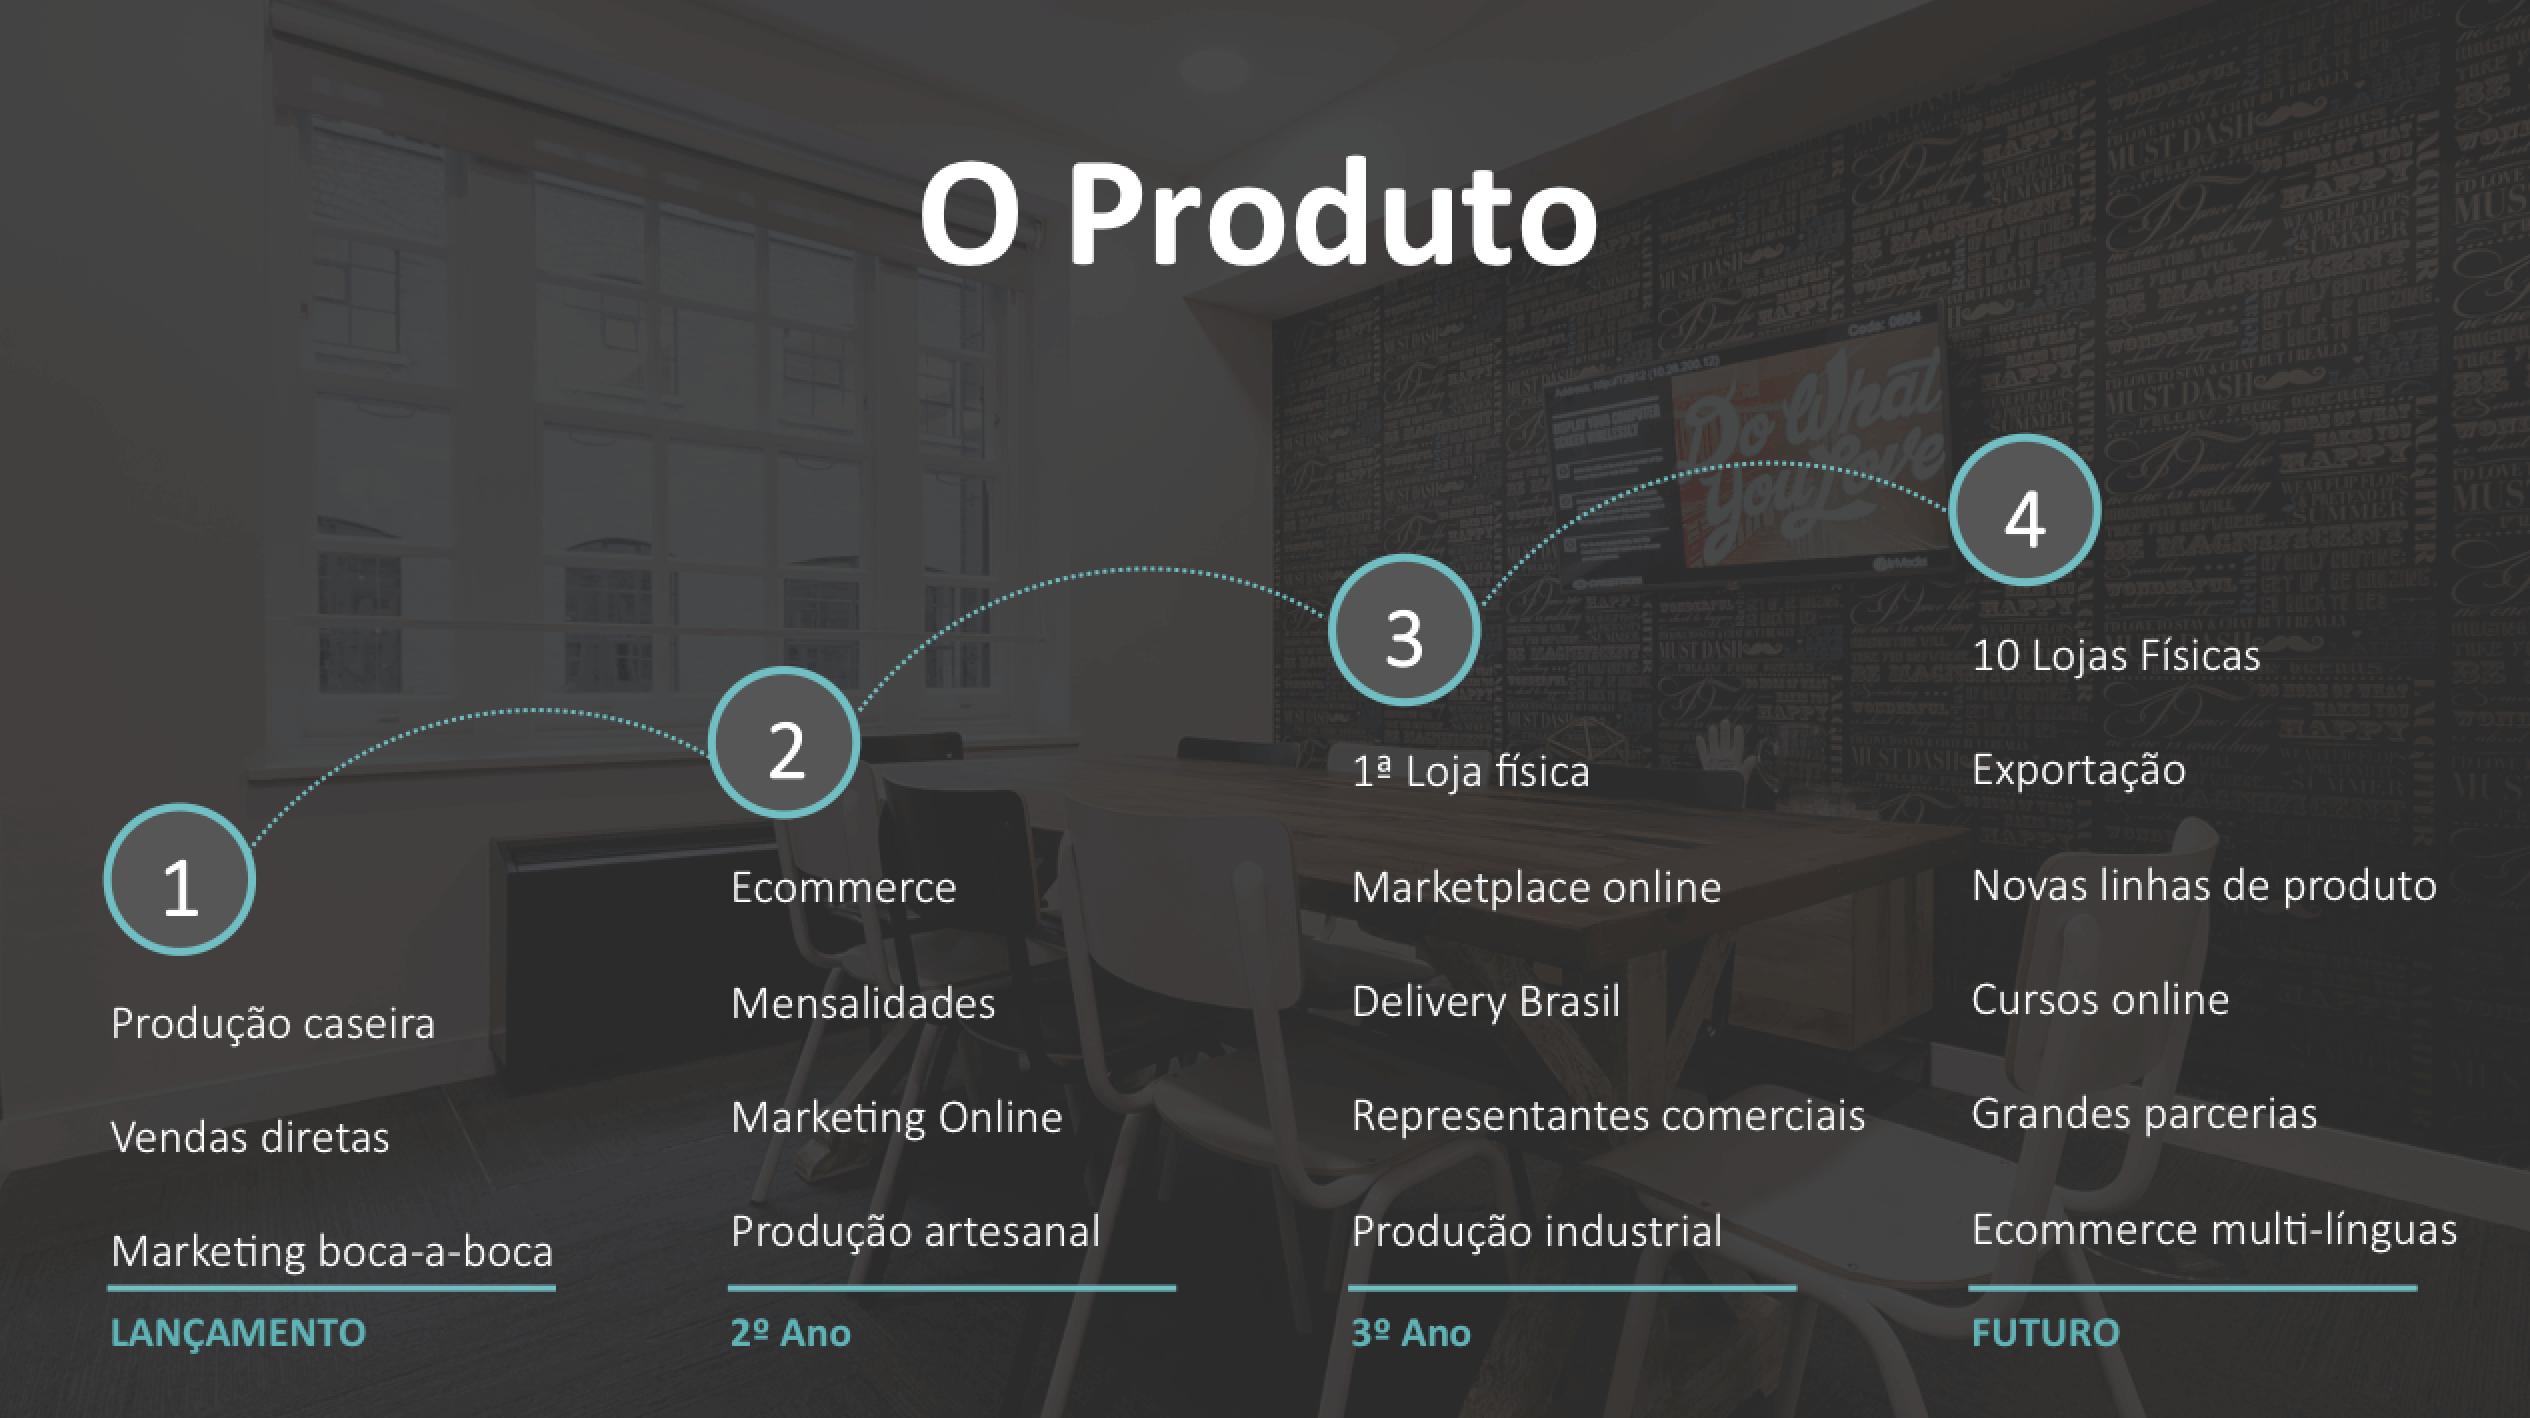 Evolução do Produto no Plano de Negócios